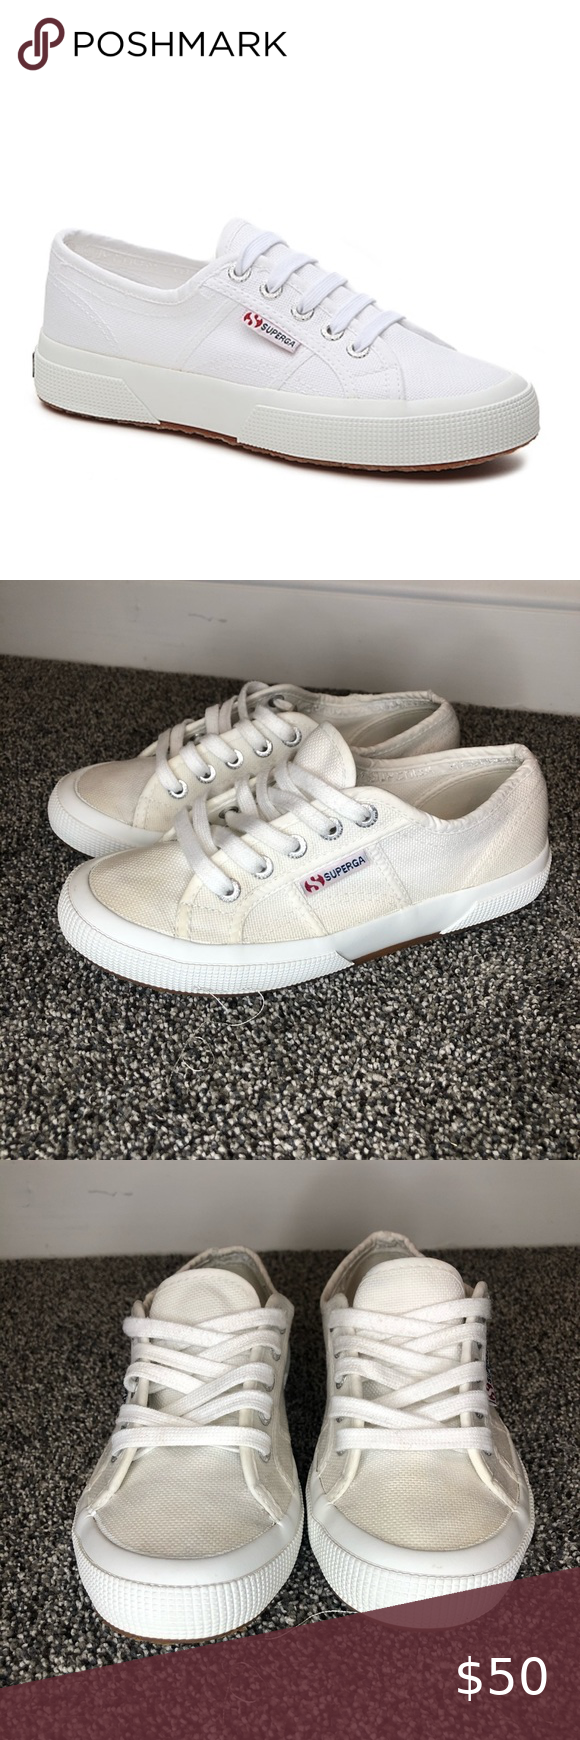 SUPERGA 275 COTU CLASSIC Sneaker in